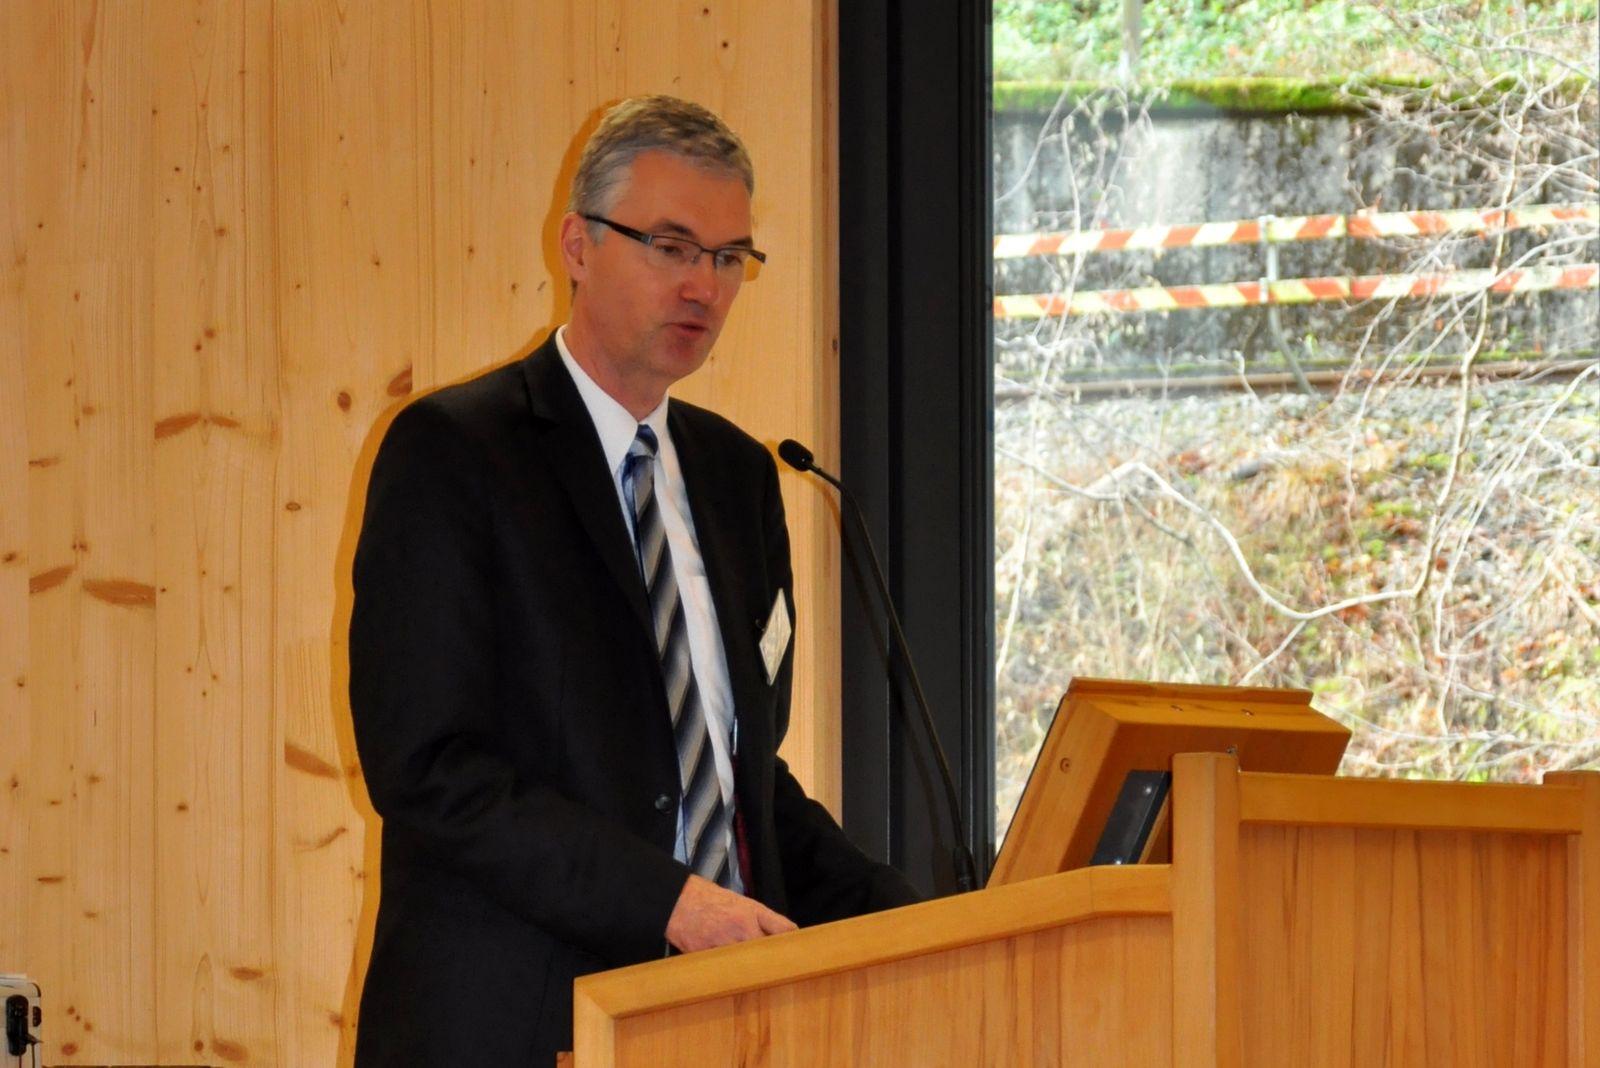 Rainer Joosten vom Umweltministerium bei seiner Begrüßungsrede am Rednerpult.